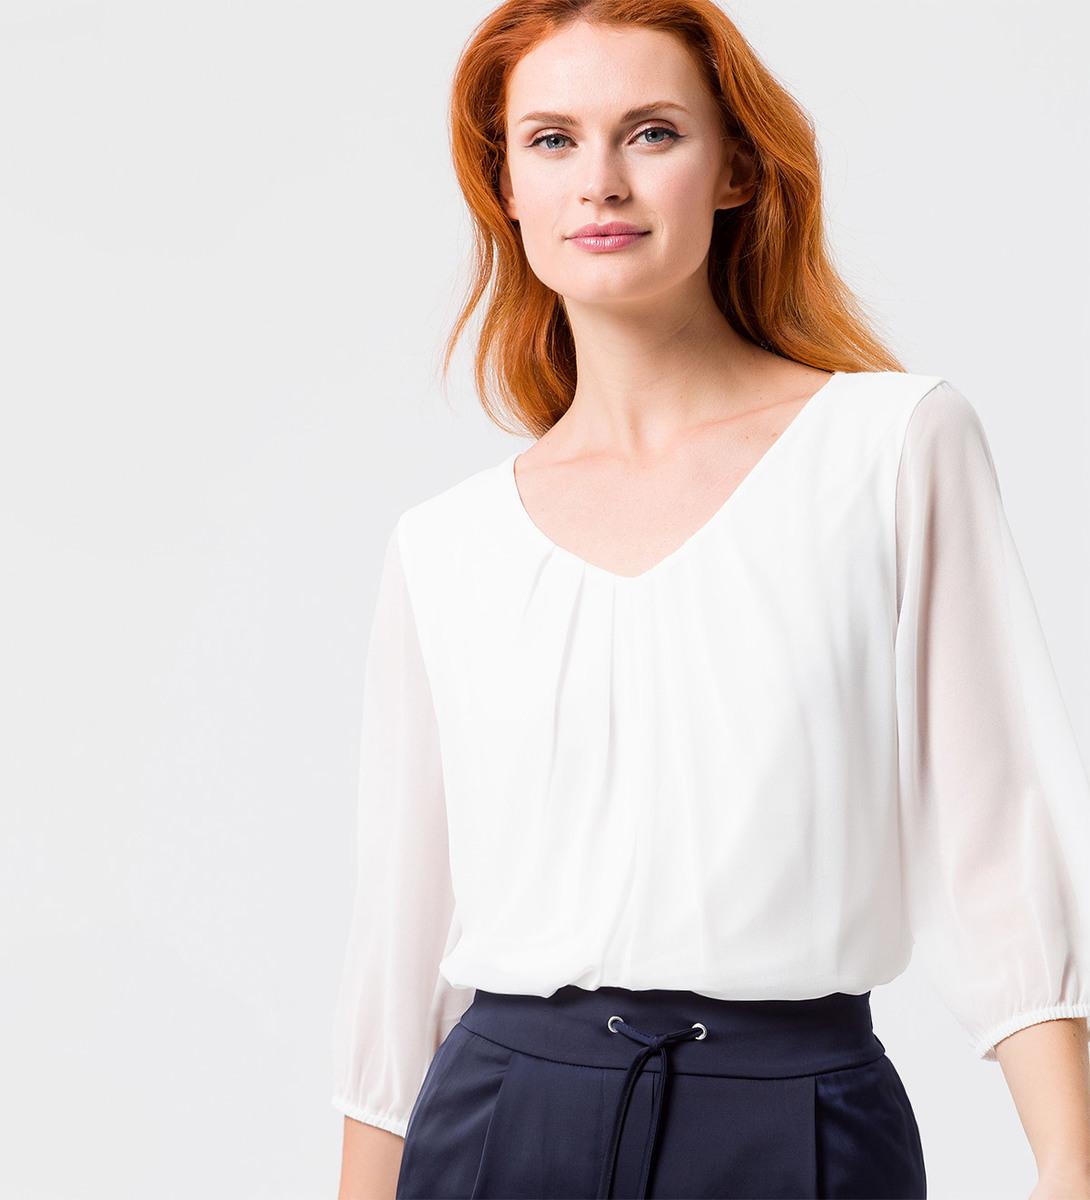 Blusenshirt mit transparenten Ärmeln in offwhite